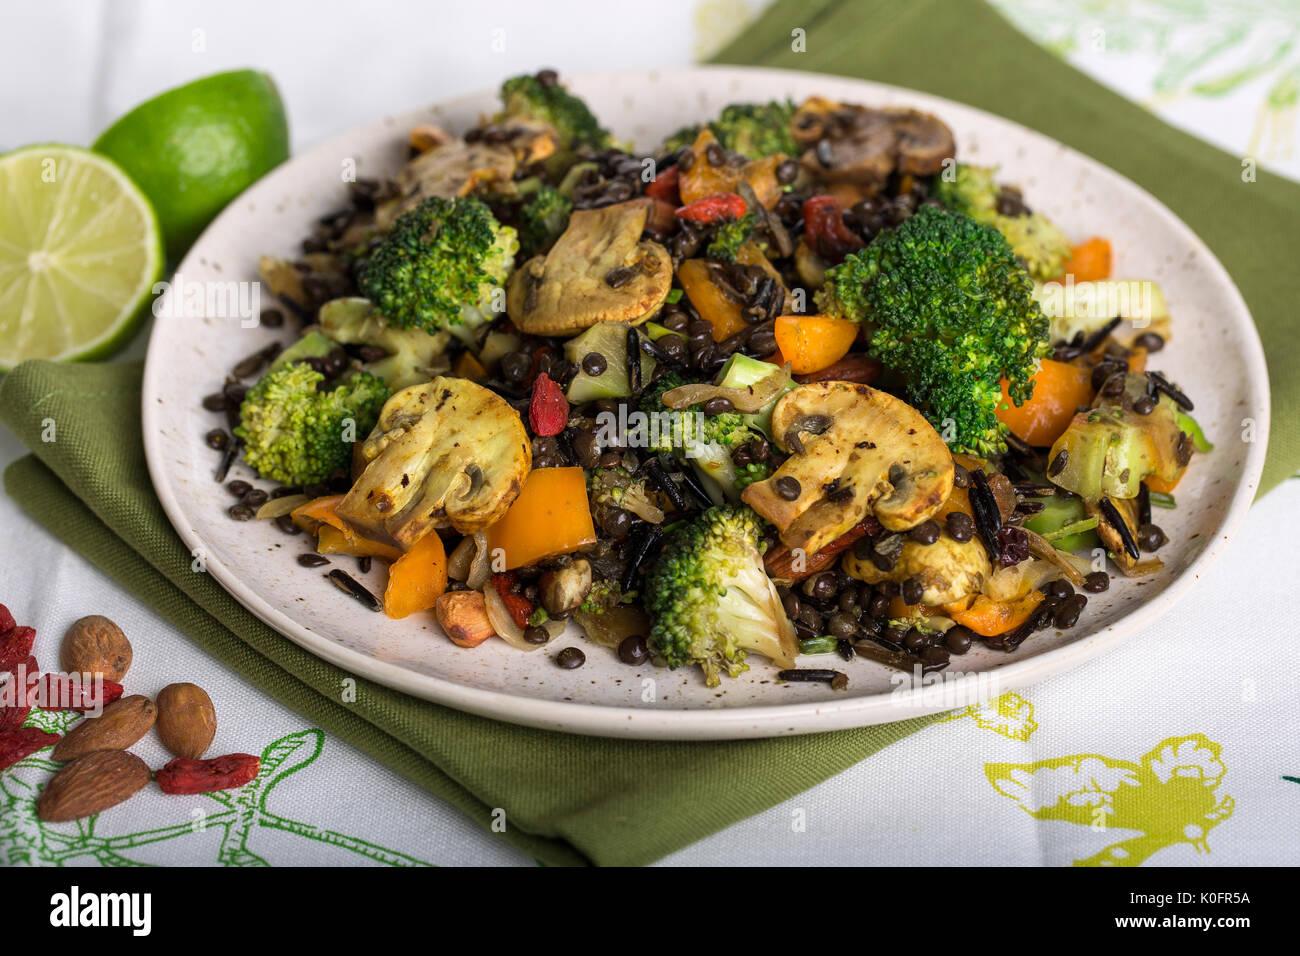 Primer plano de filmación vegana saludable mezcla de brócoli y lentejas plato de arroz salvaje Imagen De Stock